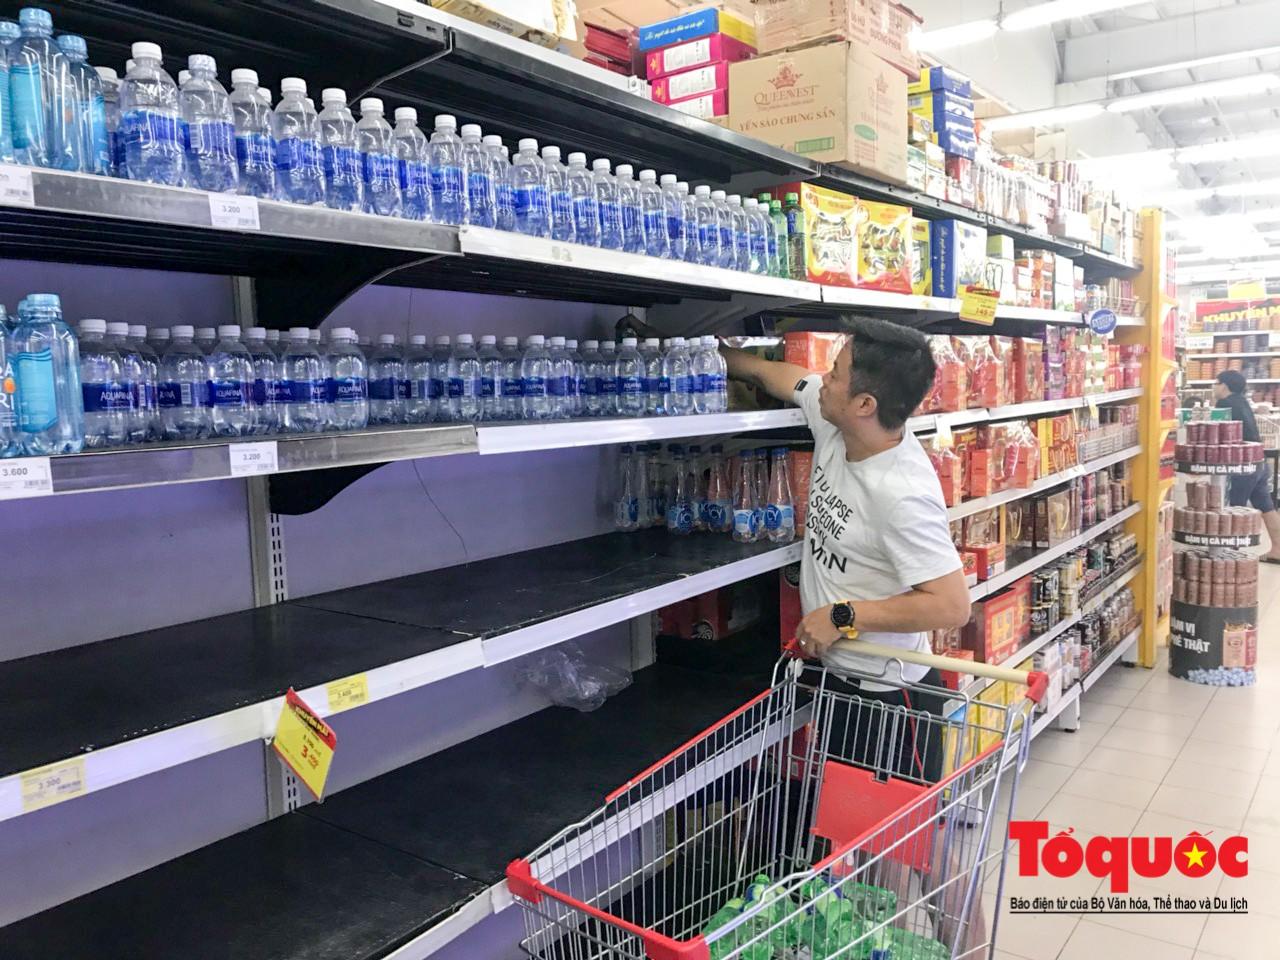 Sợ nước bẩn, người dân đổ xô đến các siêu thi mua nước đóng chai25